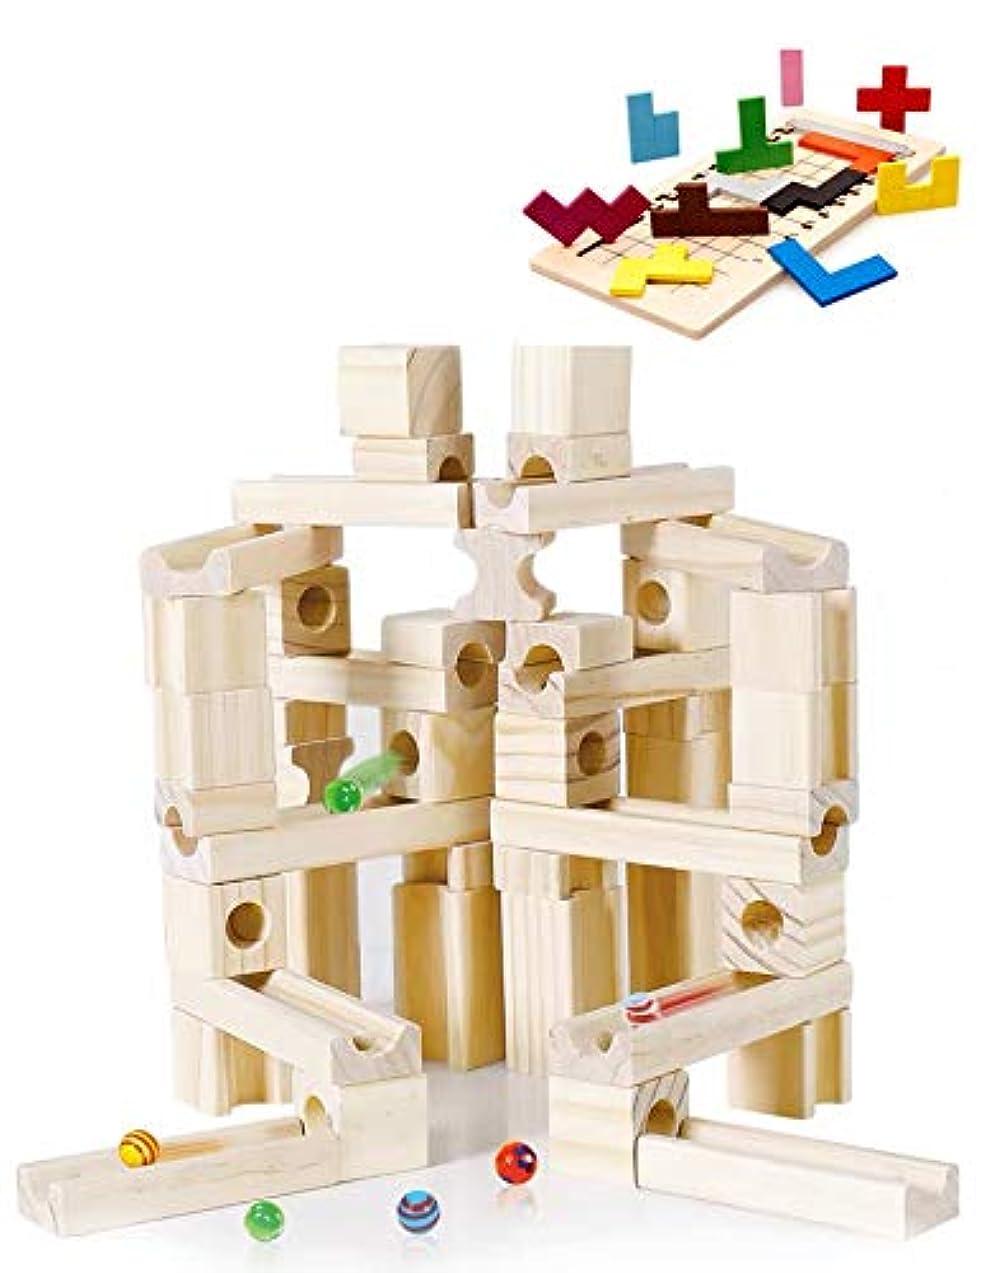 貫入飛躍パール積み木 おもちゃ ビ-玉 転がし ピタゴラスイッチ 玉転がし 知育玩具 木製 立体パズル 誕生日 入学 入園 プレゼント (基尺4cm)